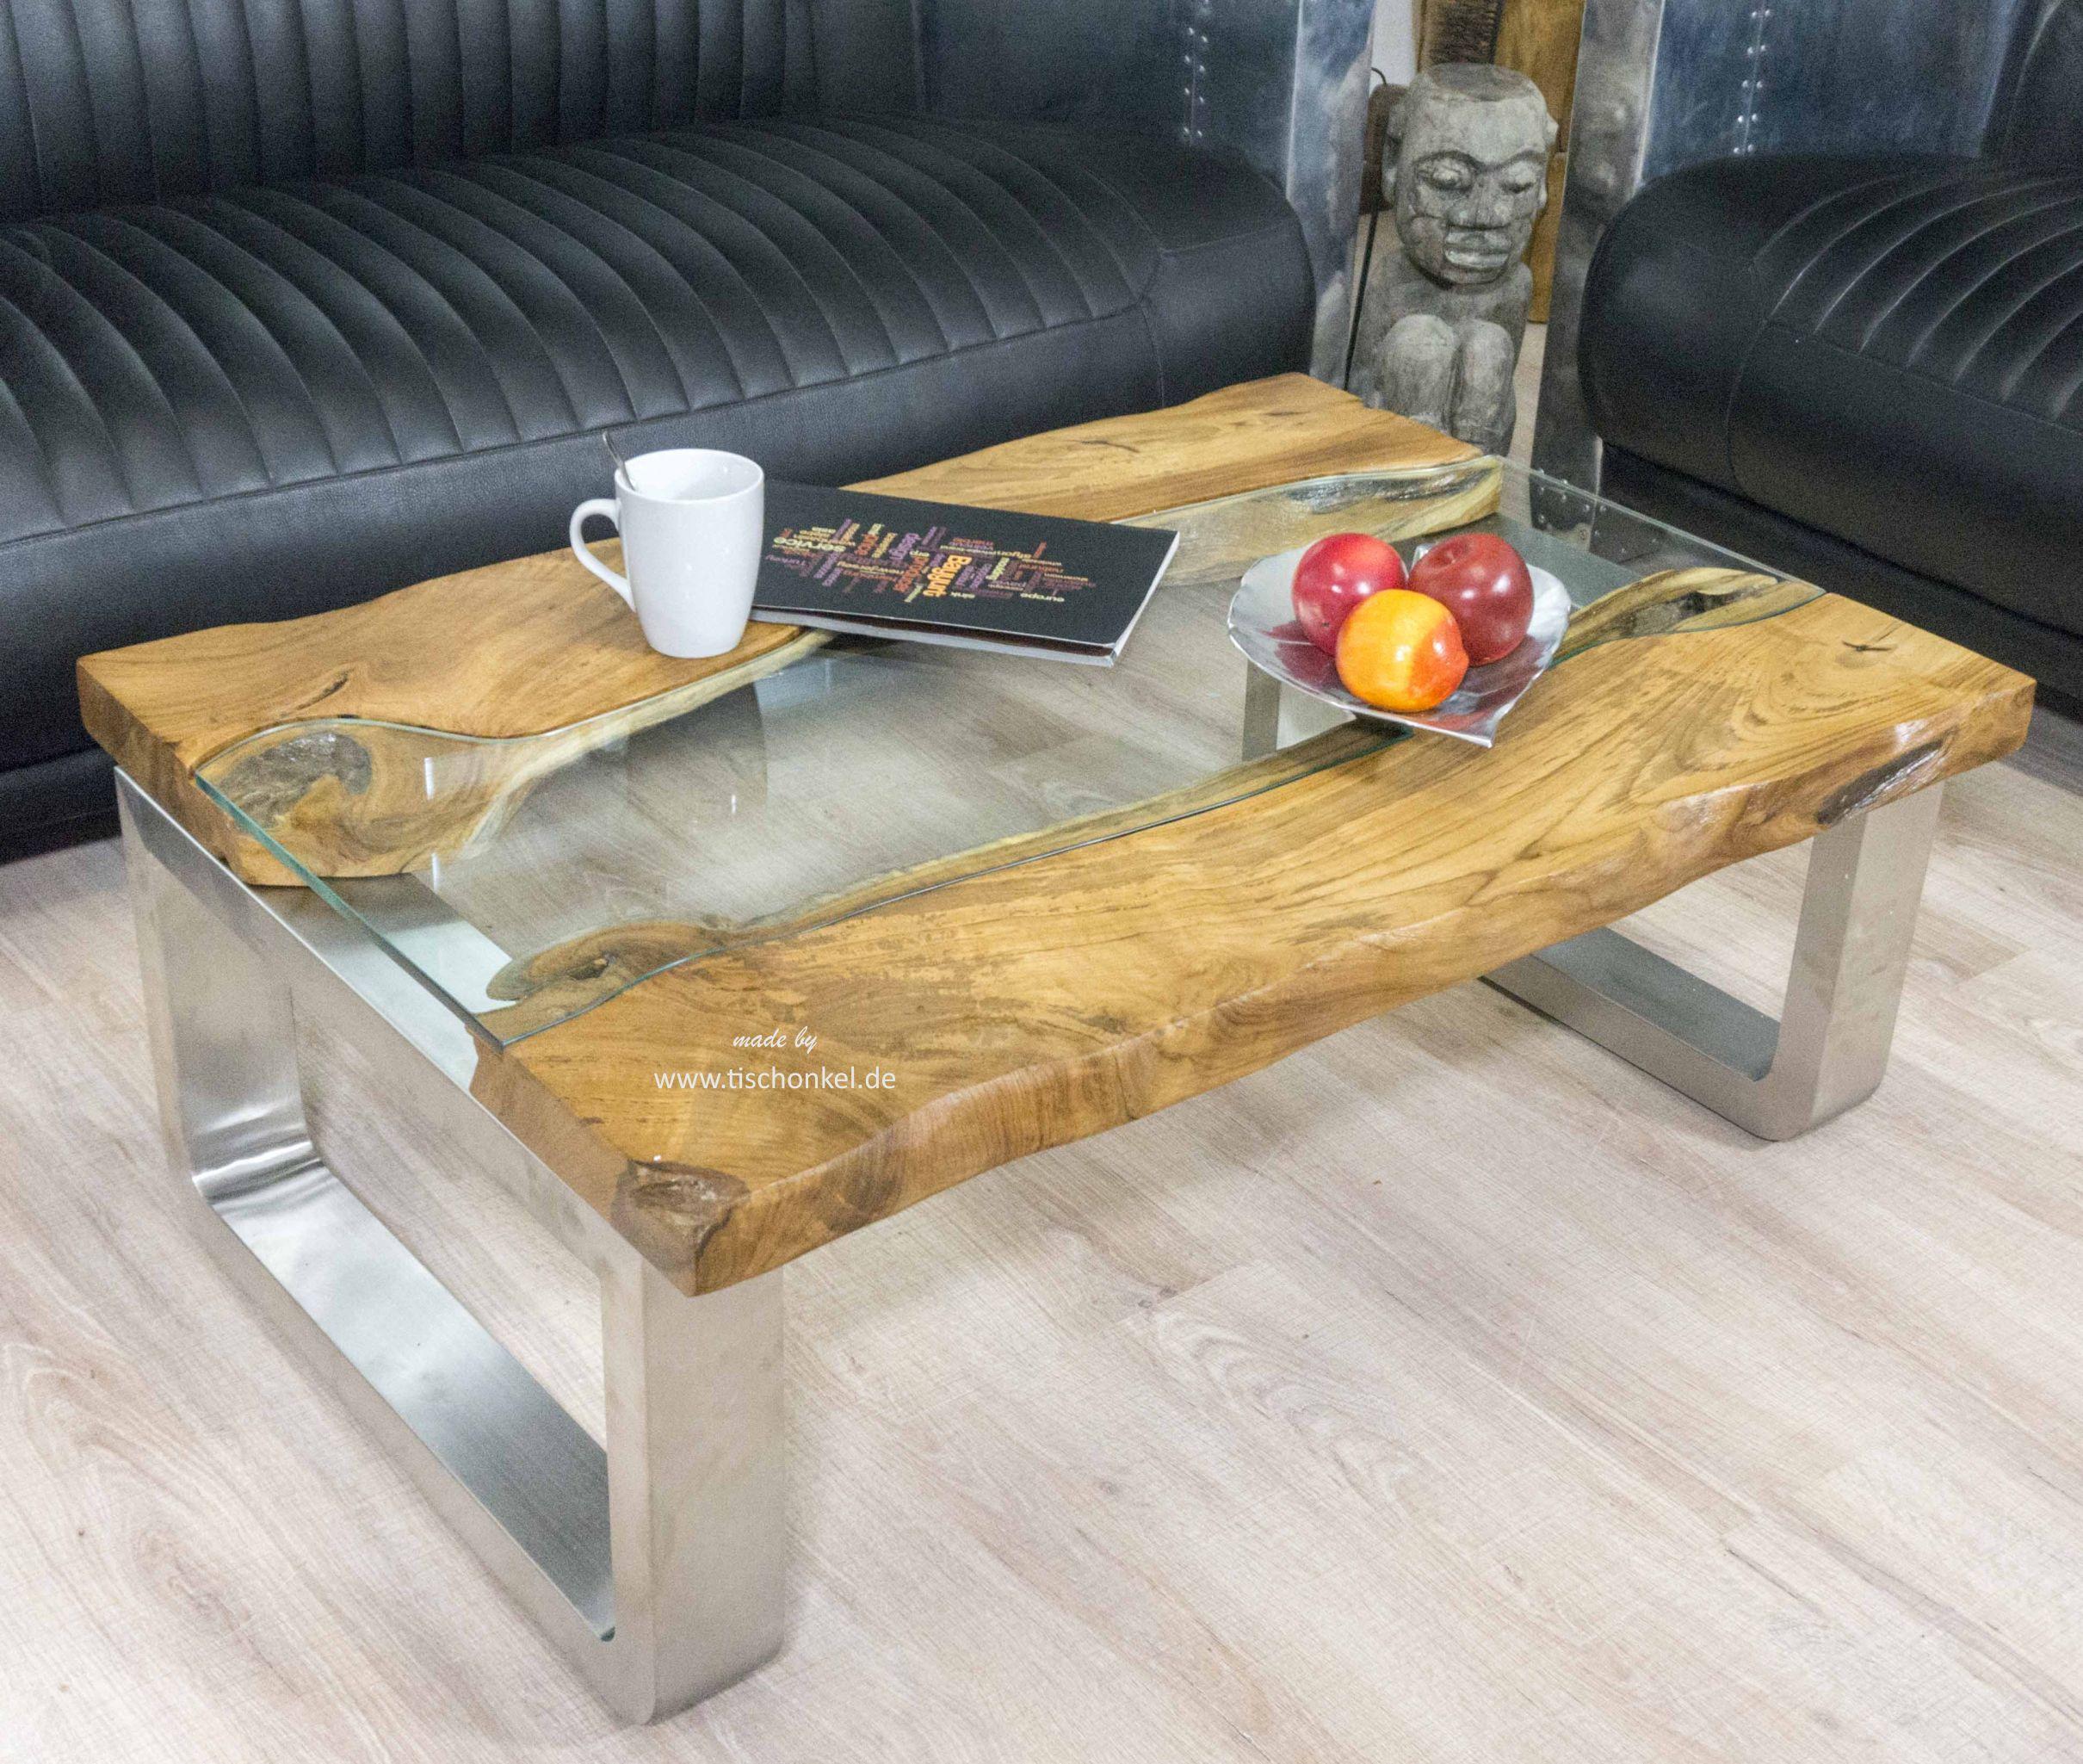 Moderner Couchtisch Aus Holz Im Format 120x80 Cm Der Tischonkel